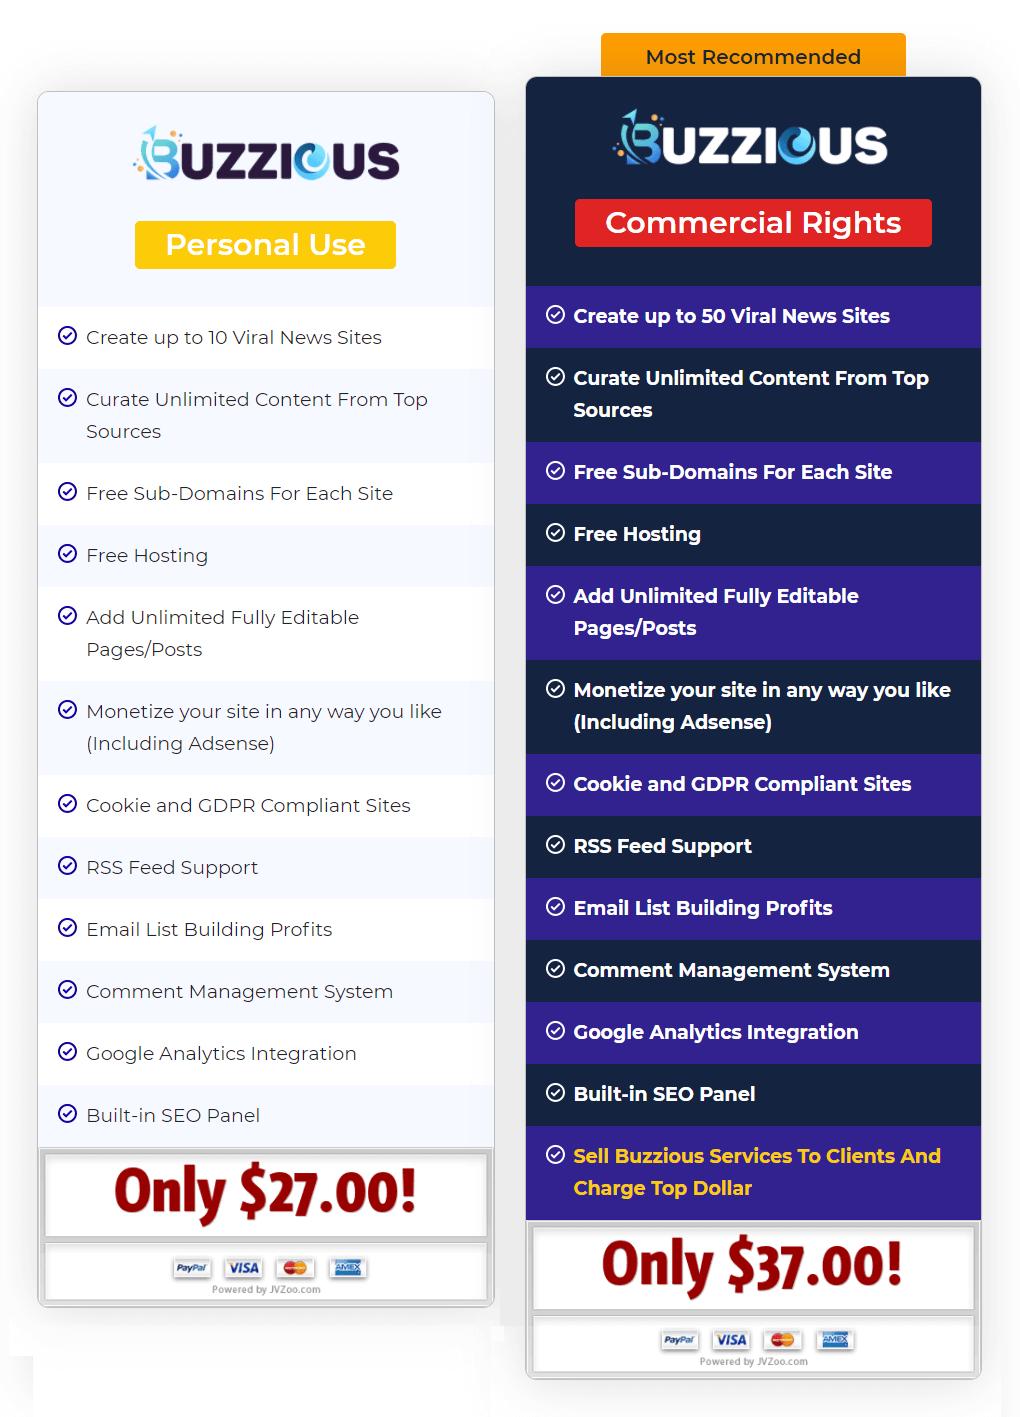 Buzzious-price